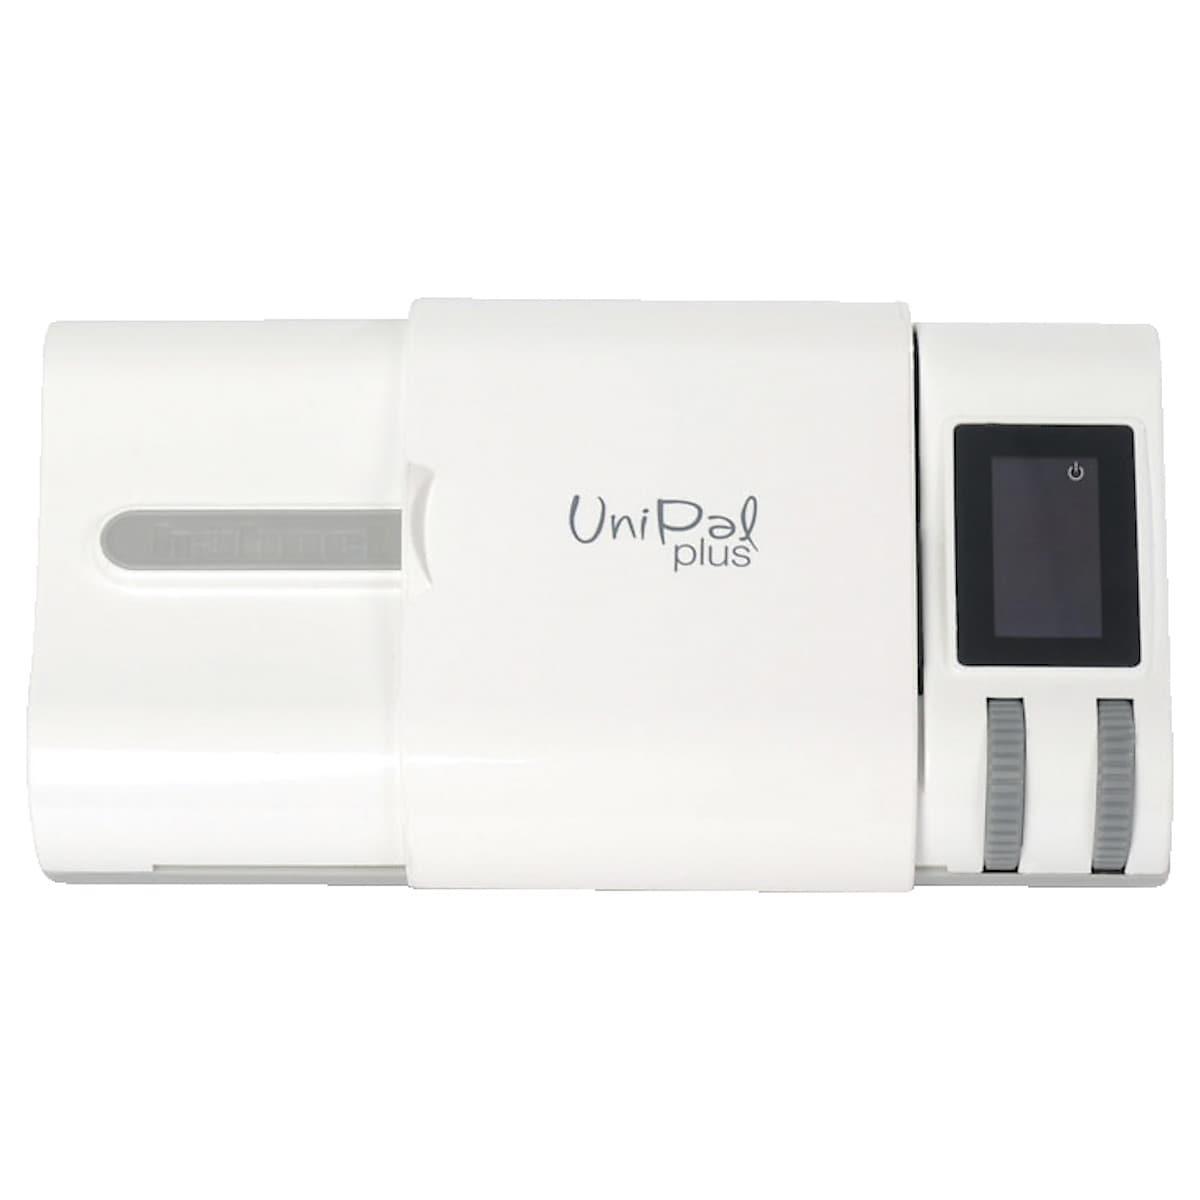 Universalladdare Hähnel Unipal Plus